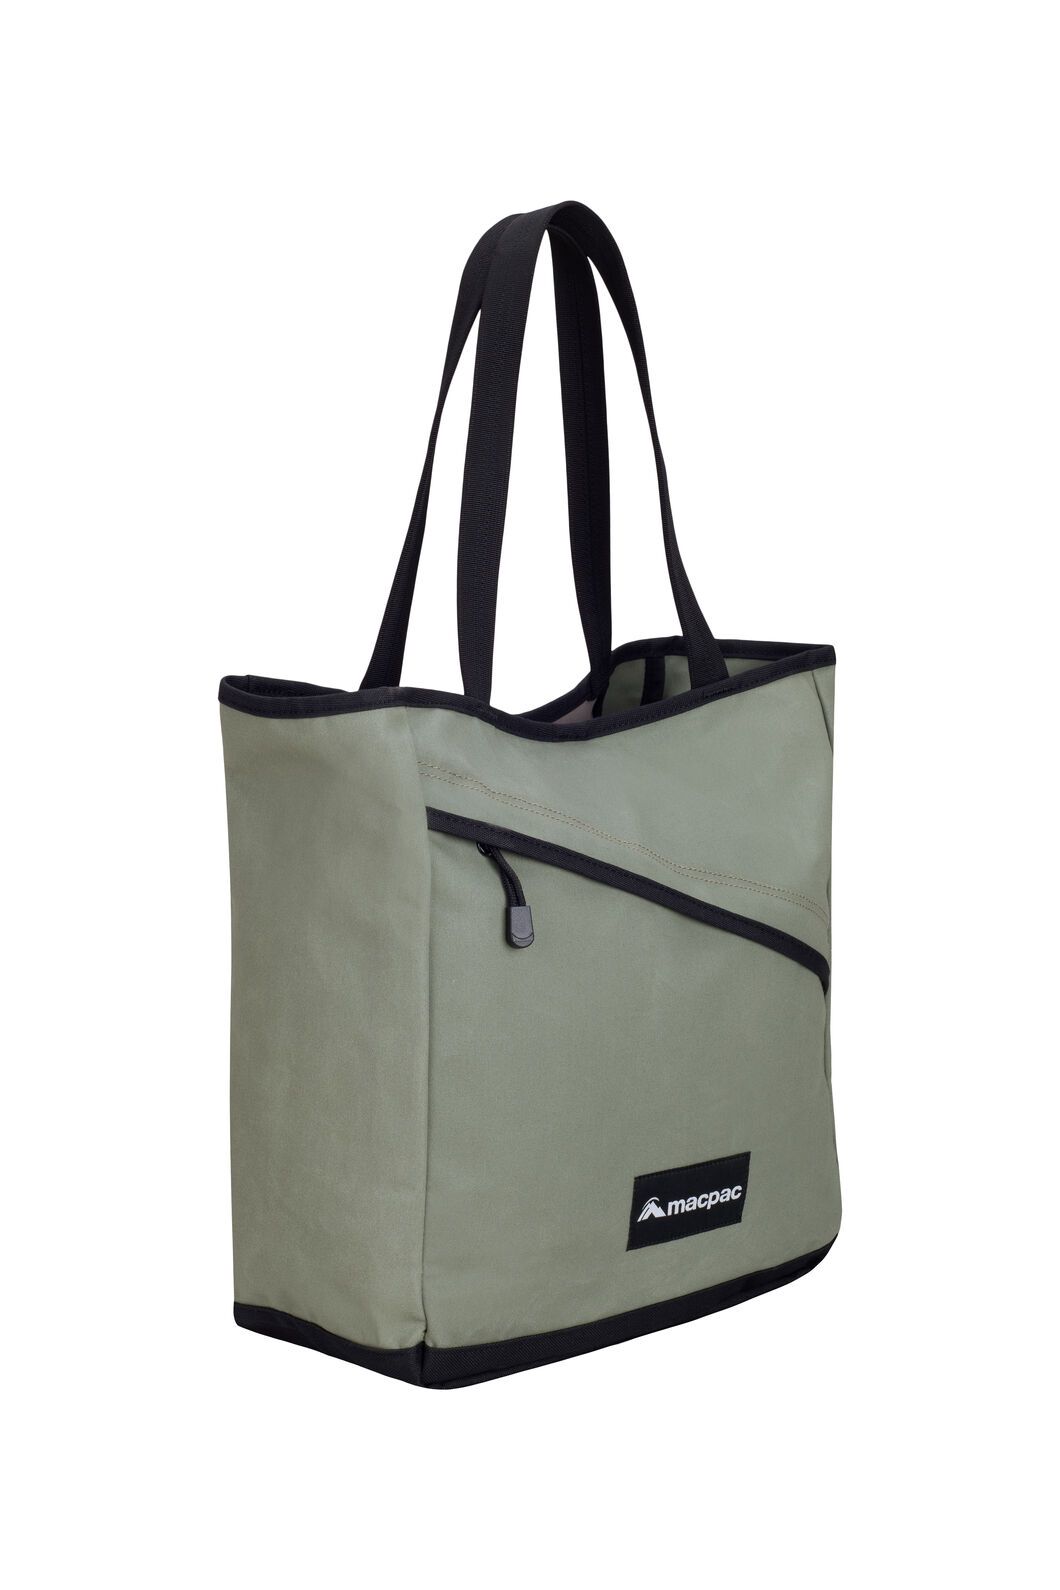 Macpac Litealp AzTec® Tote Bag, Lichen, hi-res